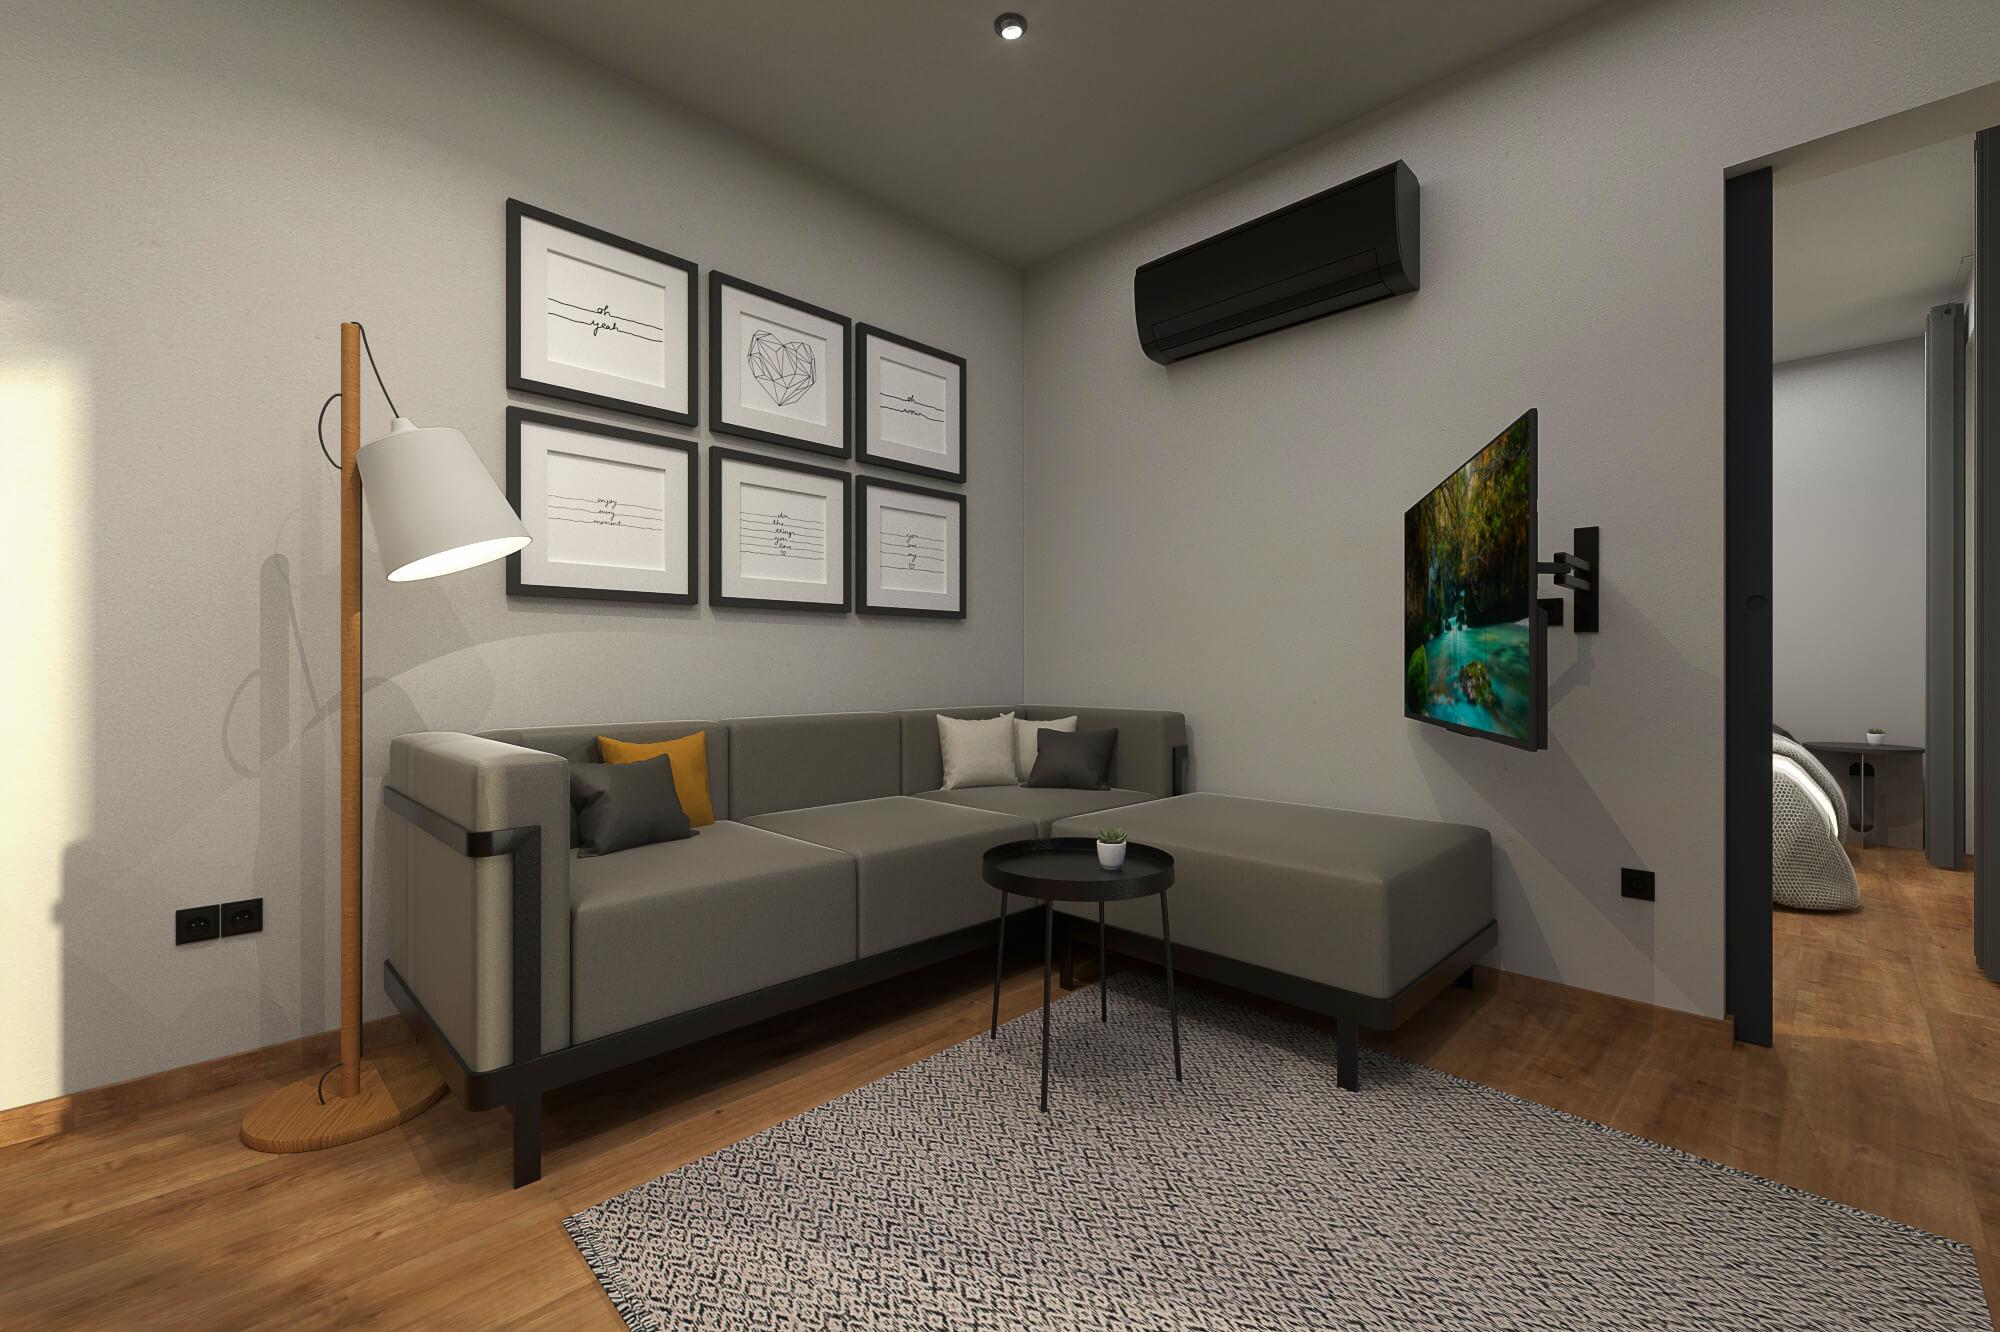 Tiny House BLOXS Wohnbereich mit Klimaanlage